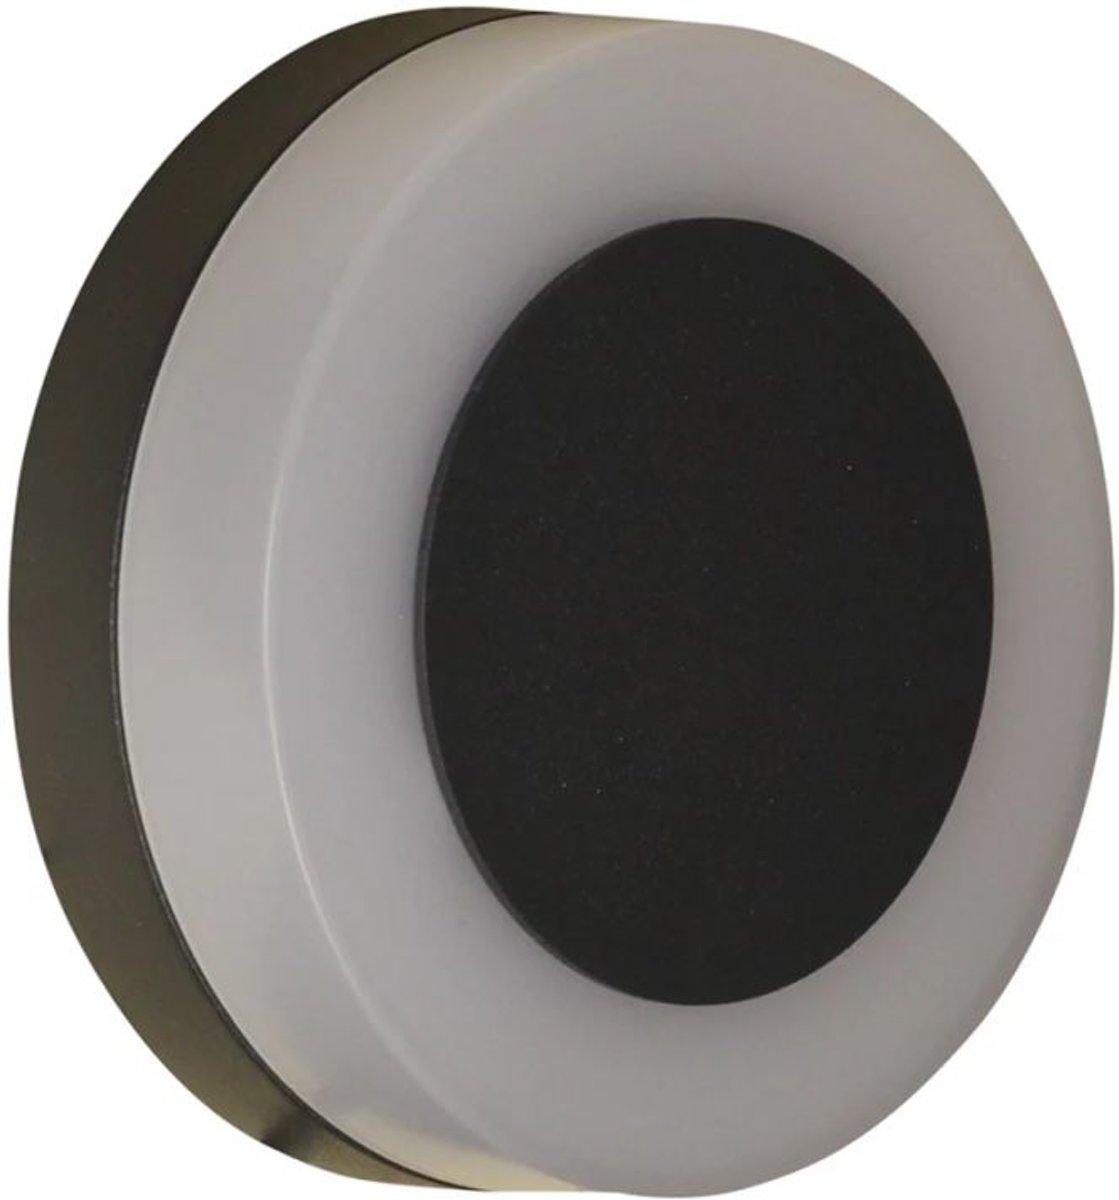 Luxform Paris LED wand buitenlamp - 230V